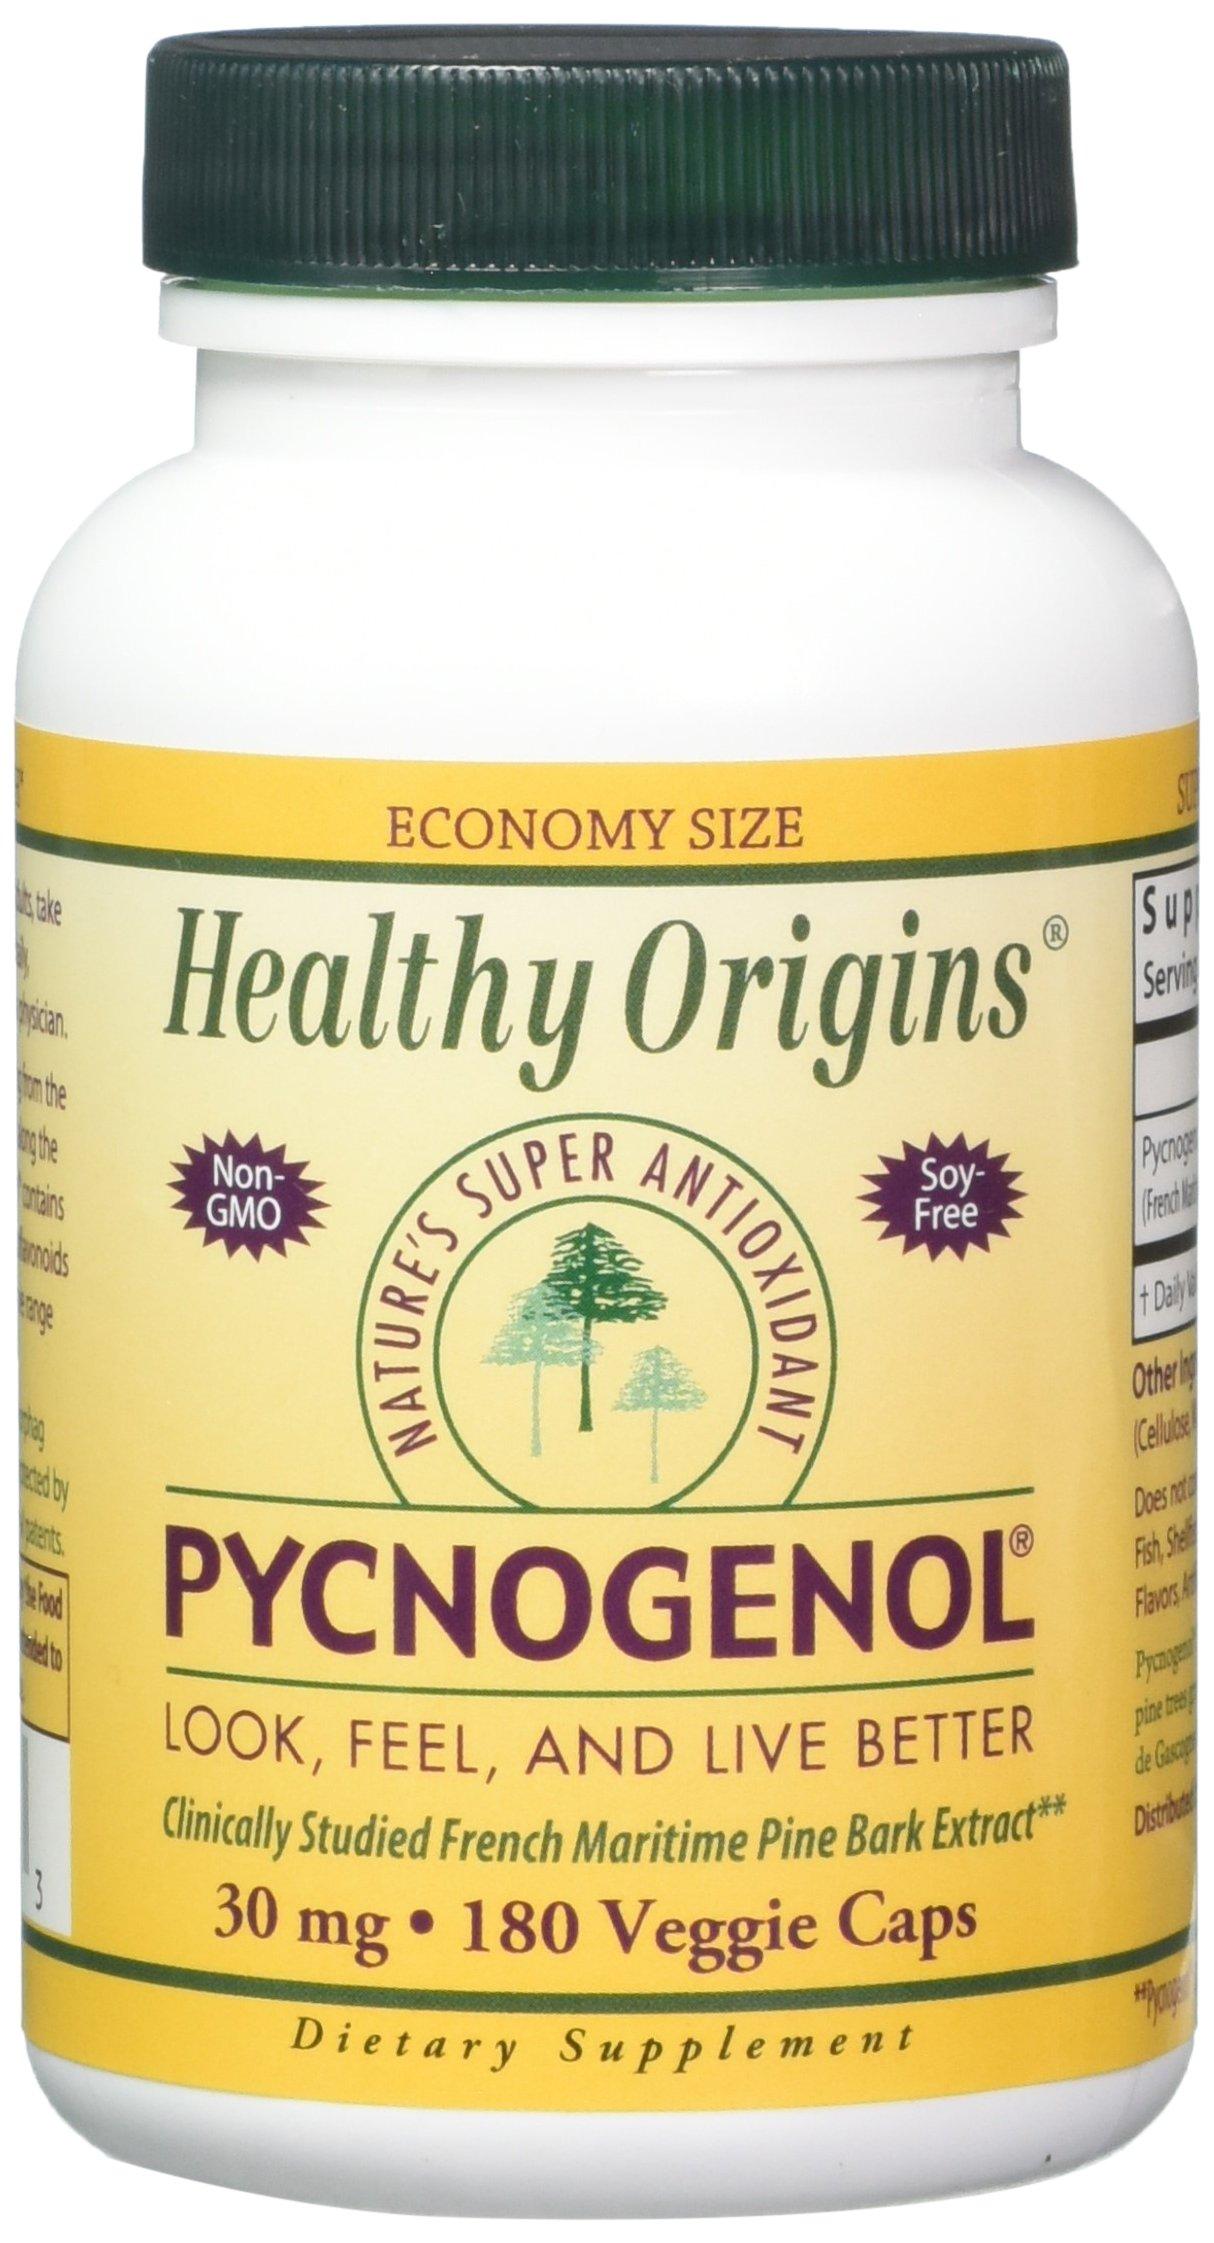 Healthy Origins Pycnogenol Veg Capsules, 30 mg, 180 Count by Healthy Origins